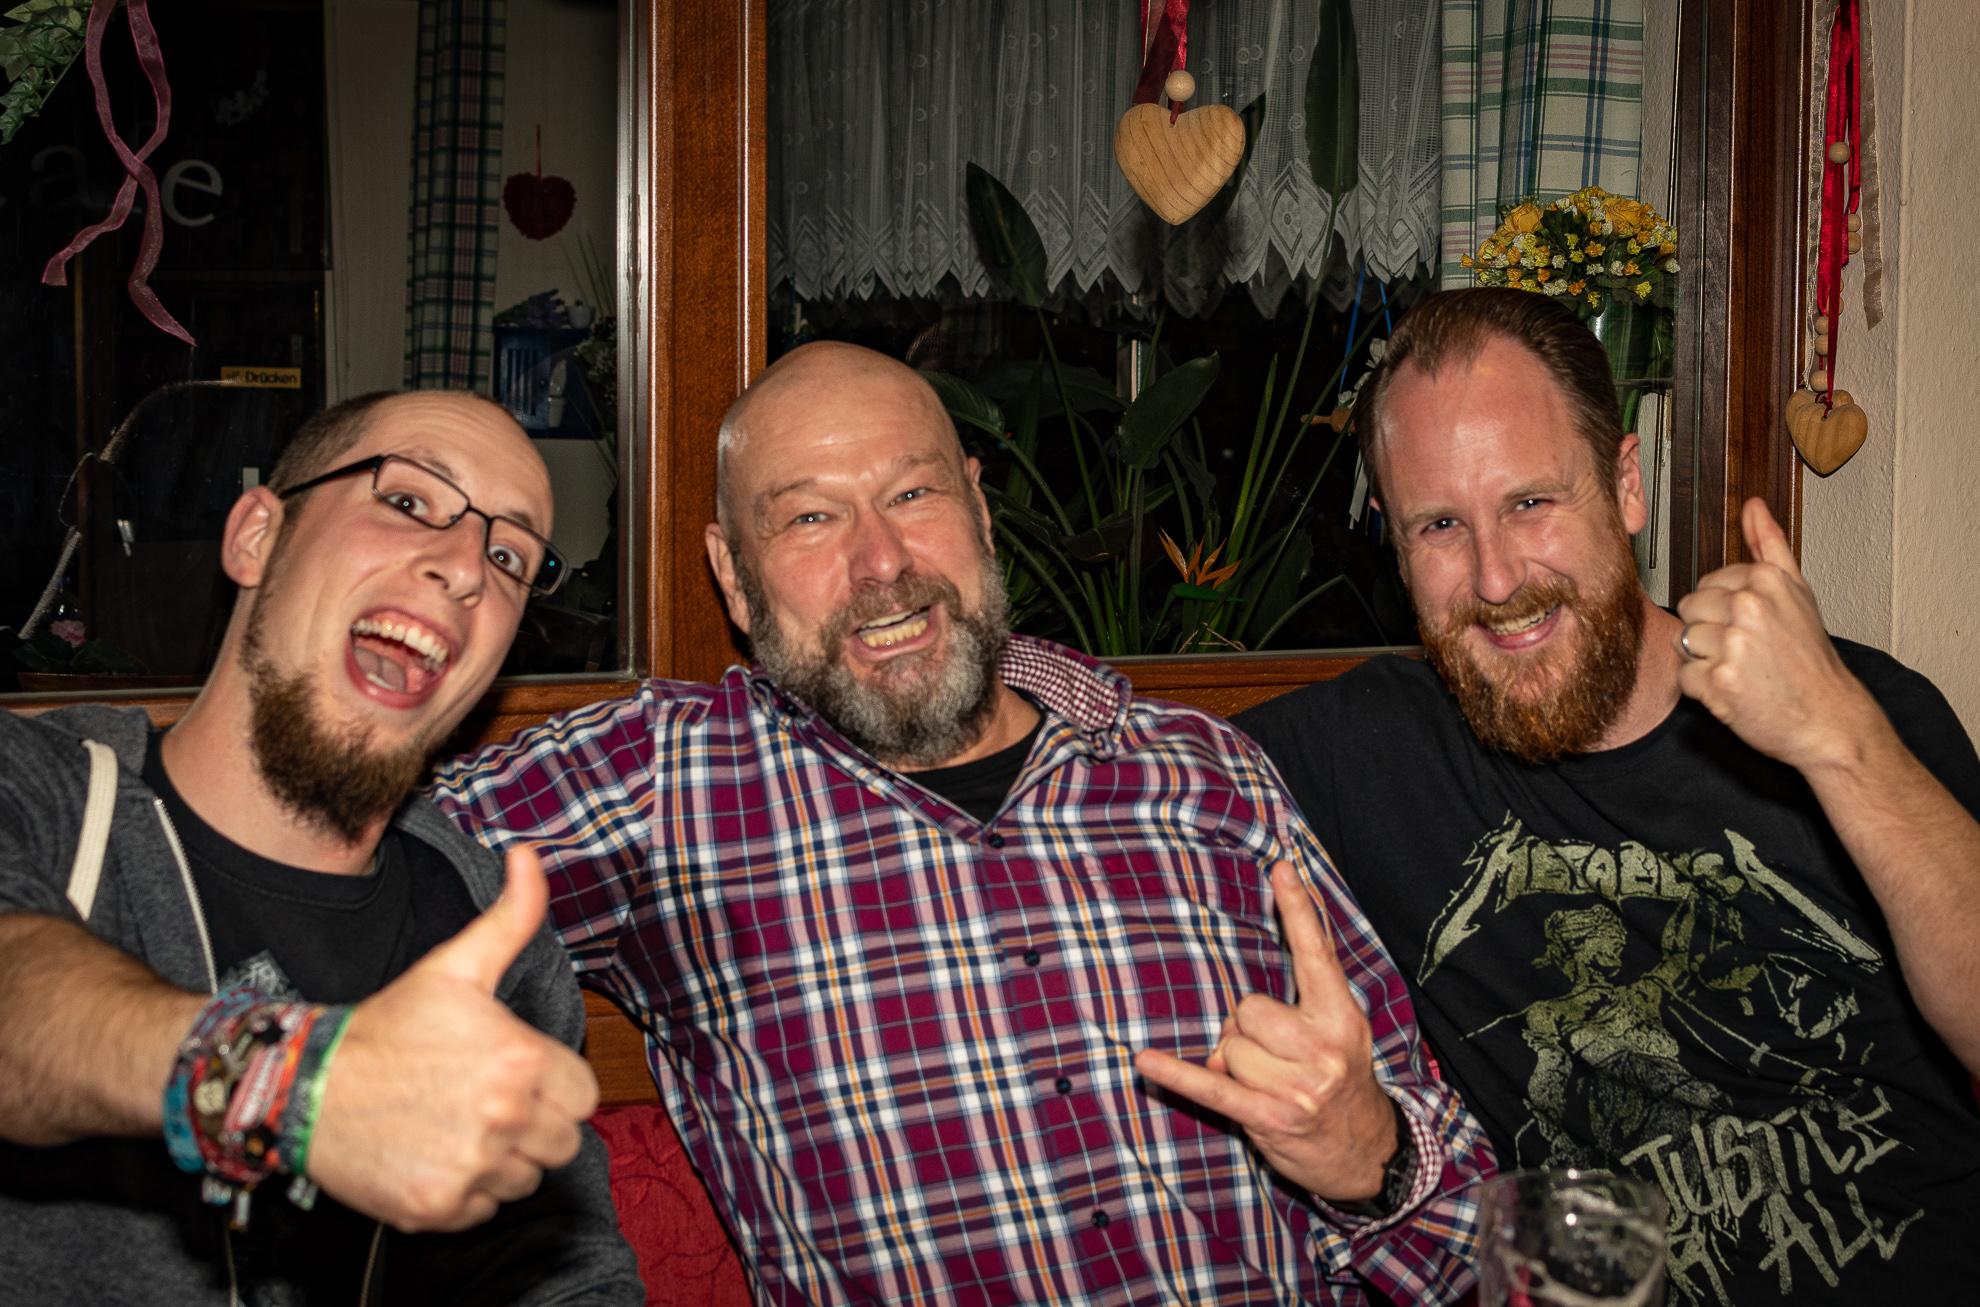 roland-im-interview-mit-dissorted-ueber-trash-metal-und-ihr-neues-album-the-final-divide